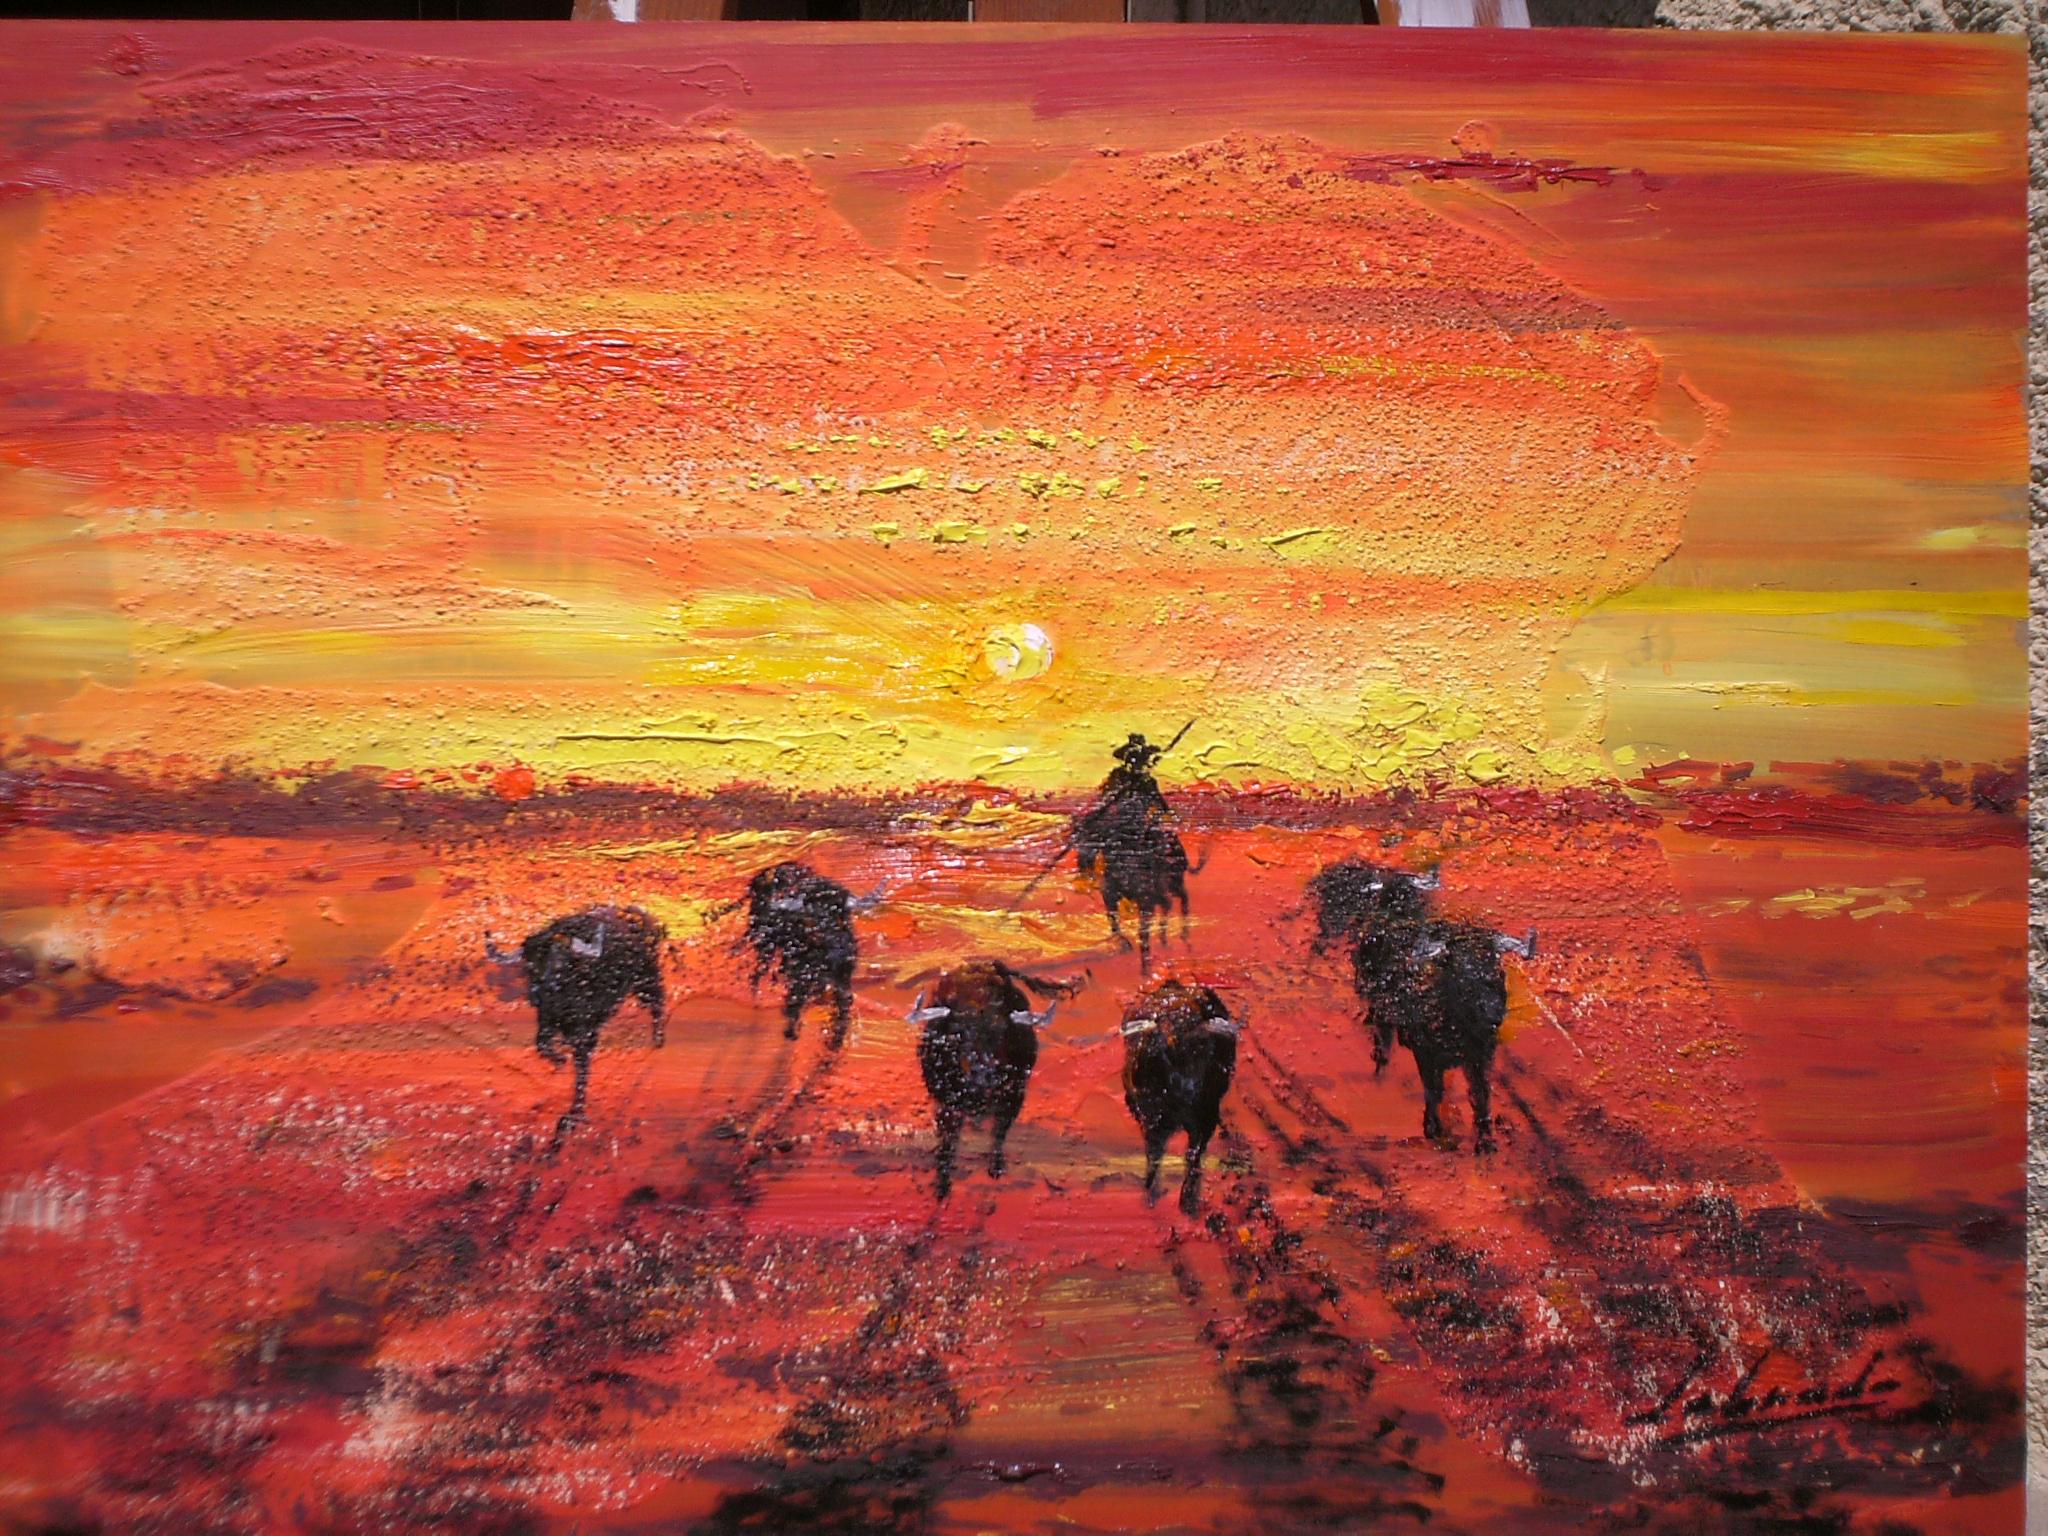 Pintura taurina - Galería de toros - photo#34